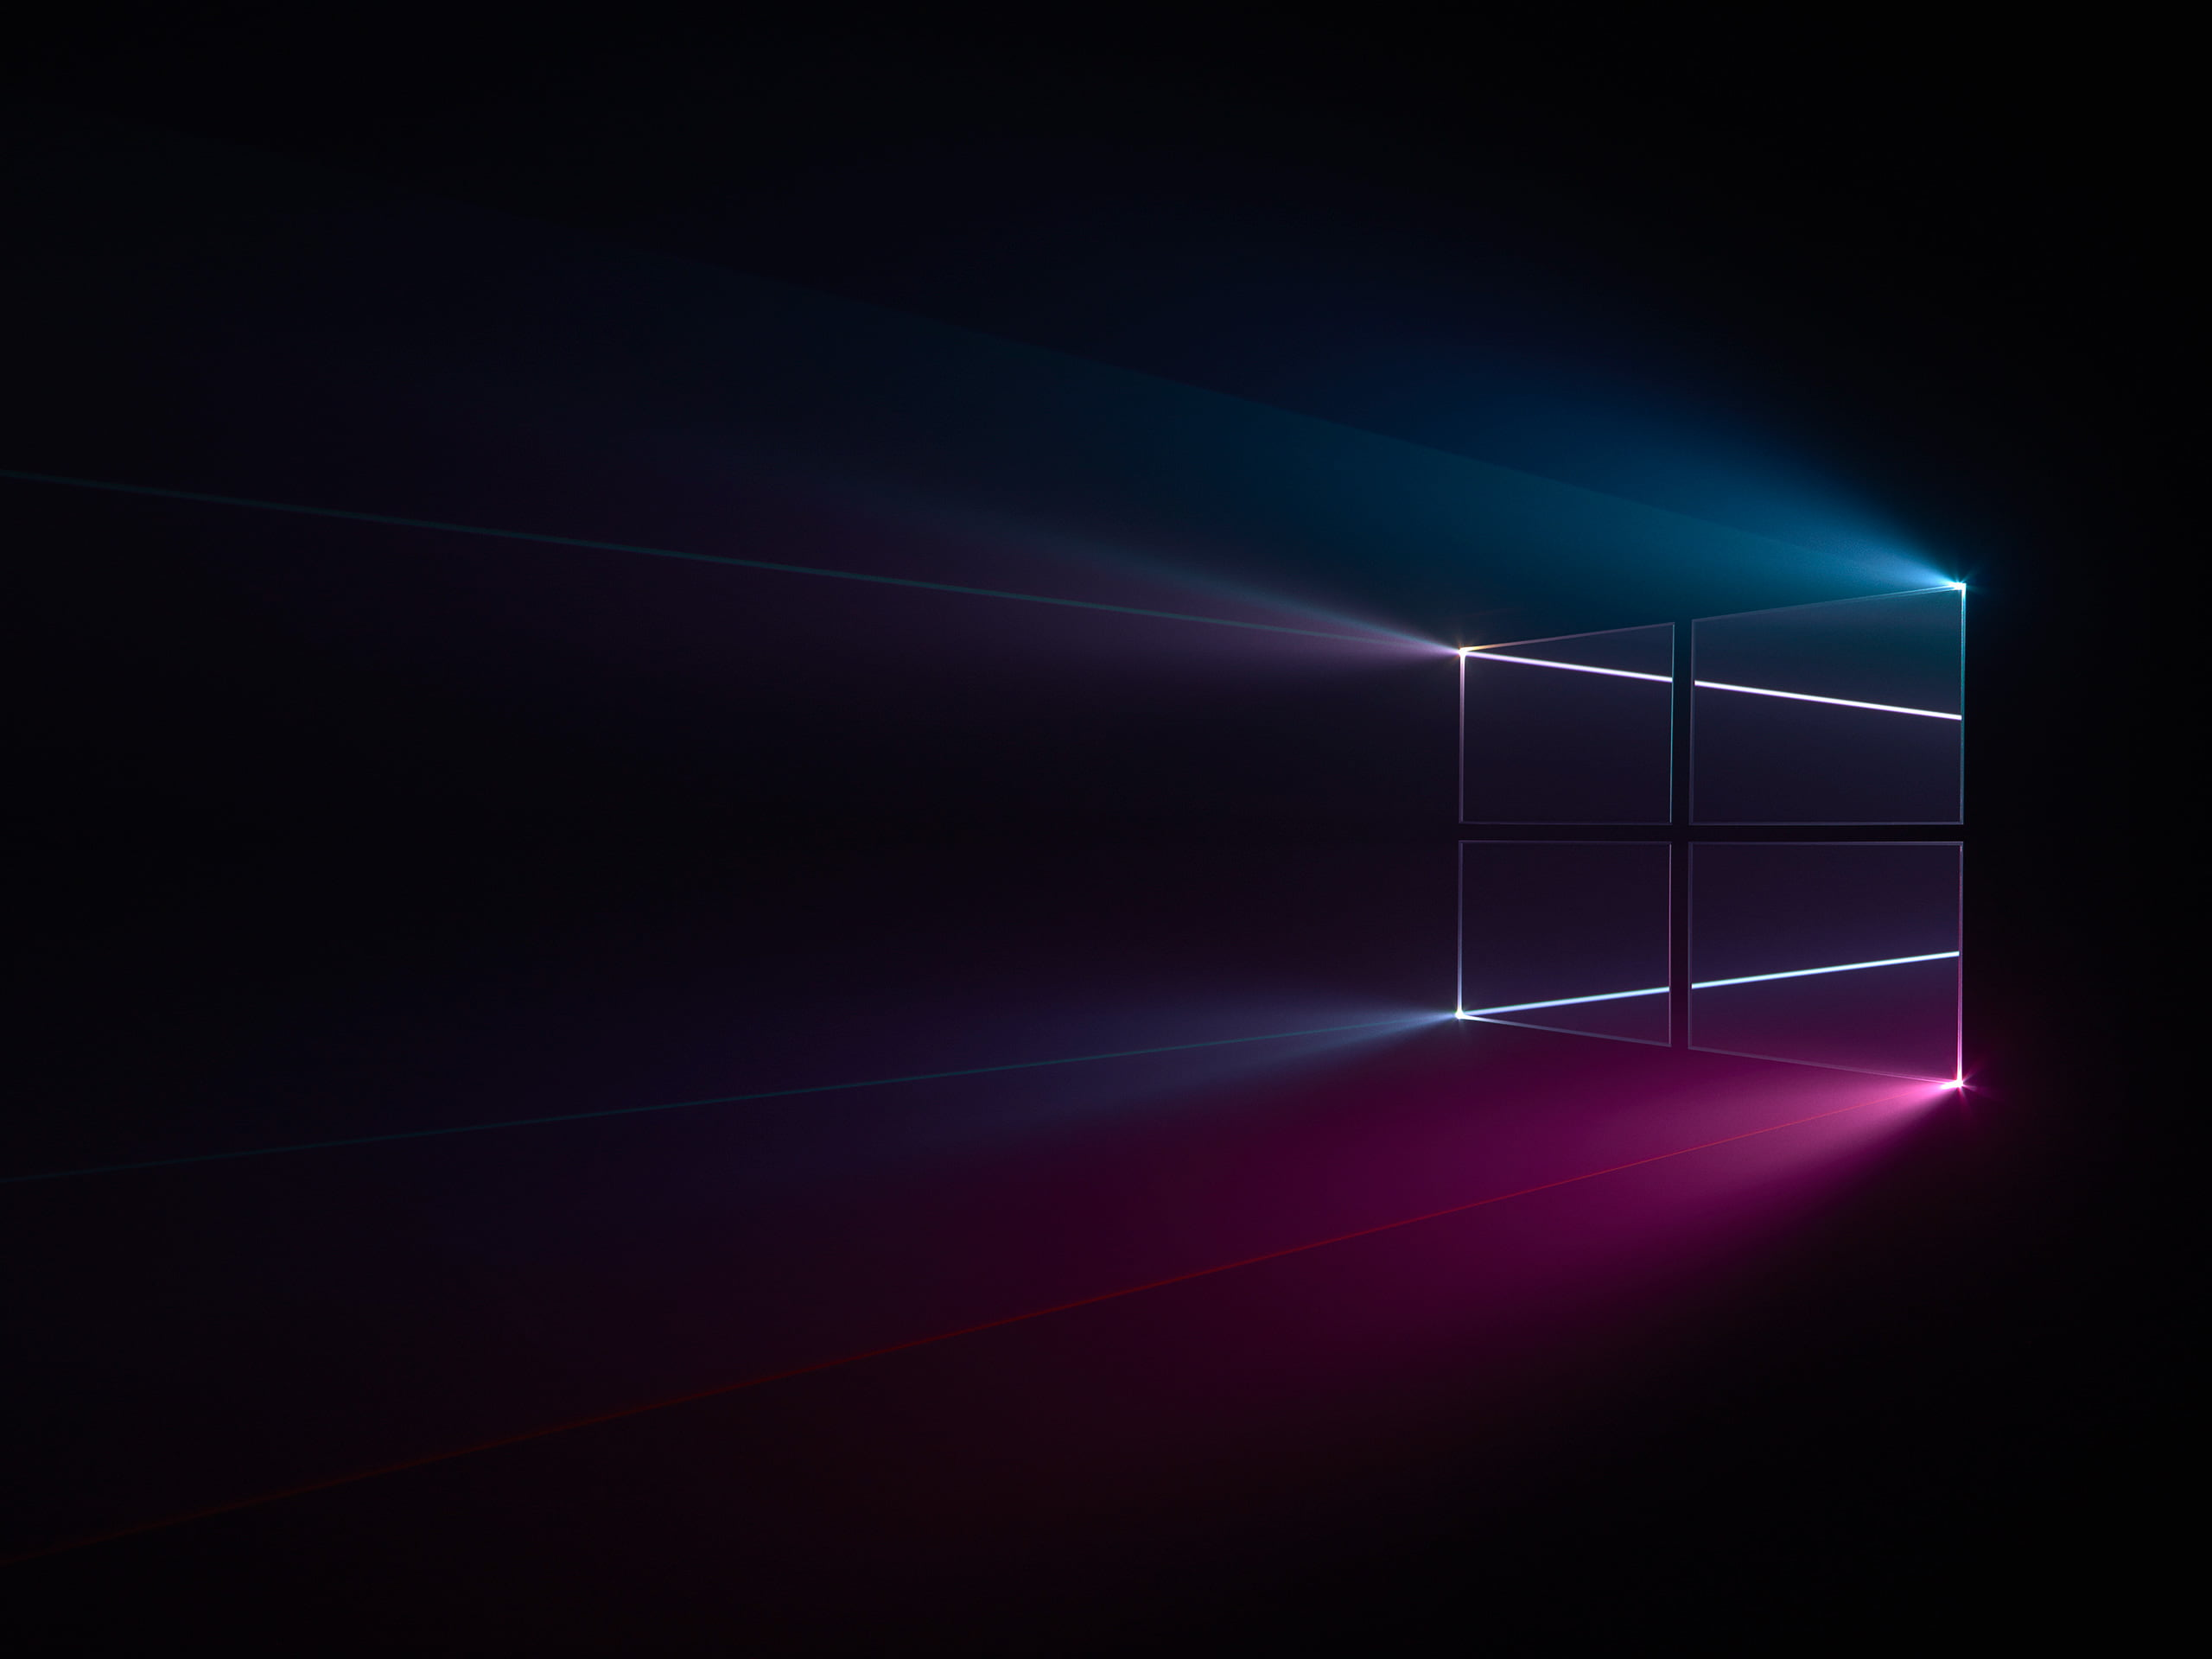 Lugar del fondo de windows xp